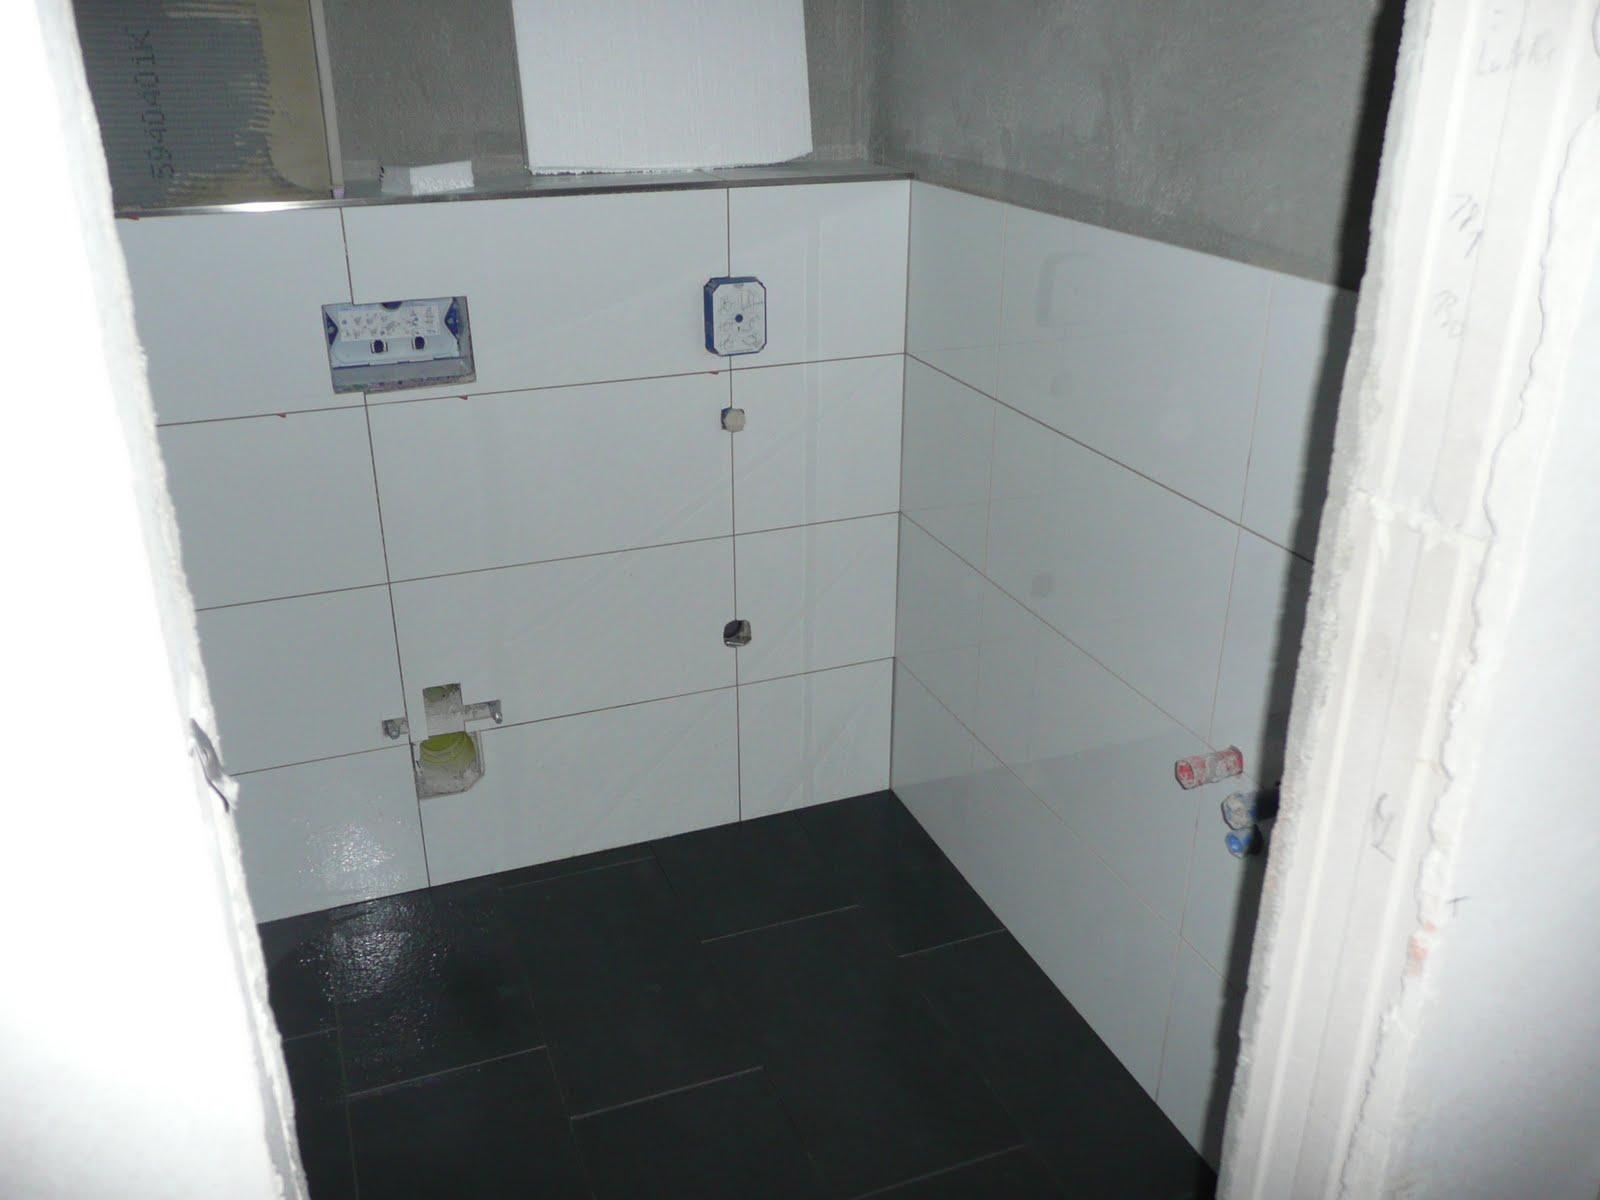 herrenfeld carr riedgrasweg november 2009. Black Bedroom Furniture Sets. Home Design Ideas